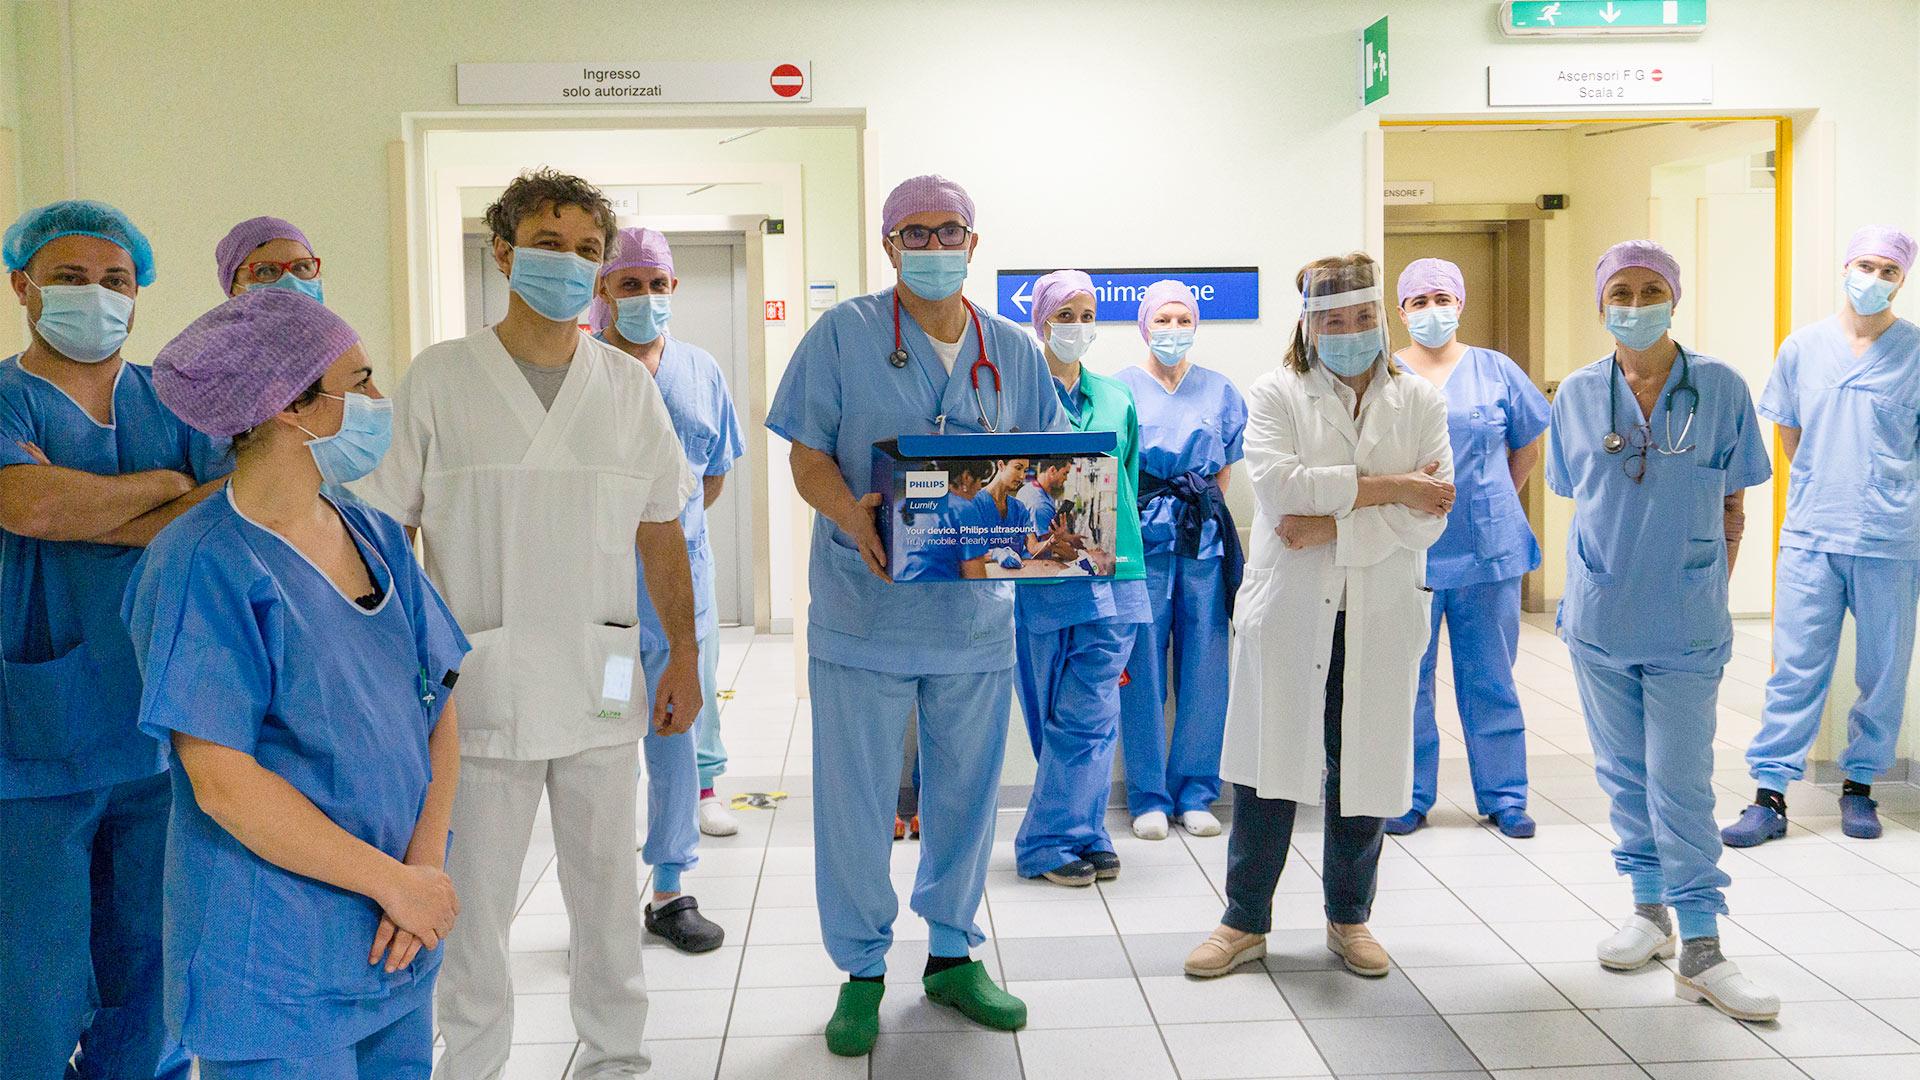 Lo staff di Anestesia e Rianimazione riceve l'ecografo